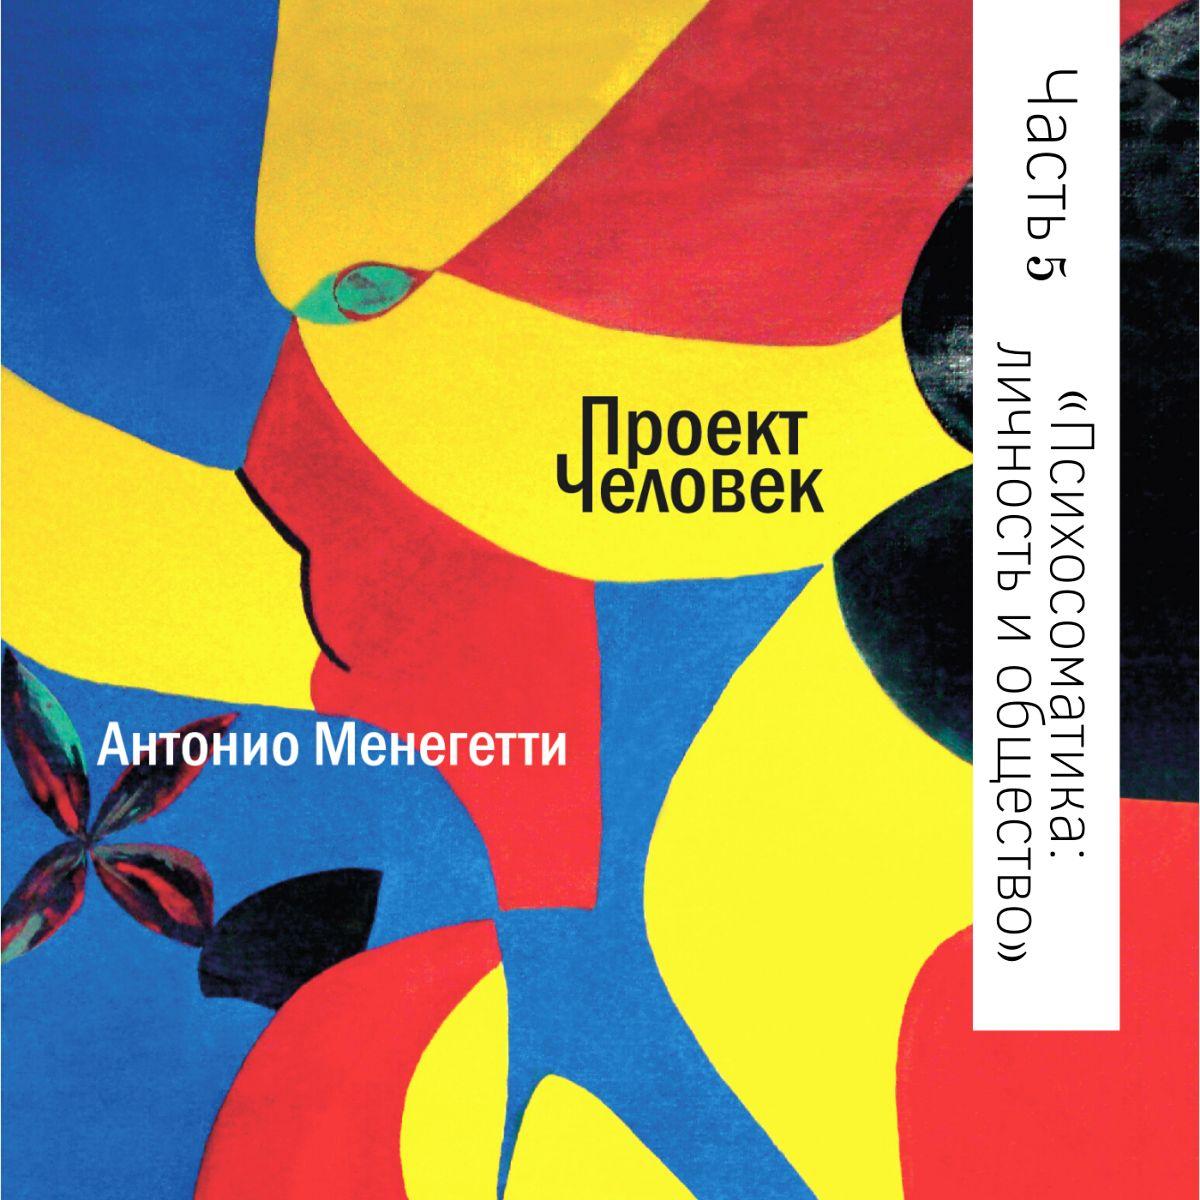 Купить книгу Психосоматика: личность и общество, автора Антонио Менегетти